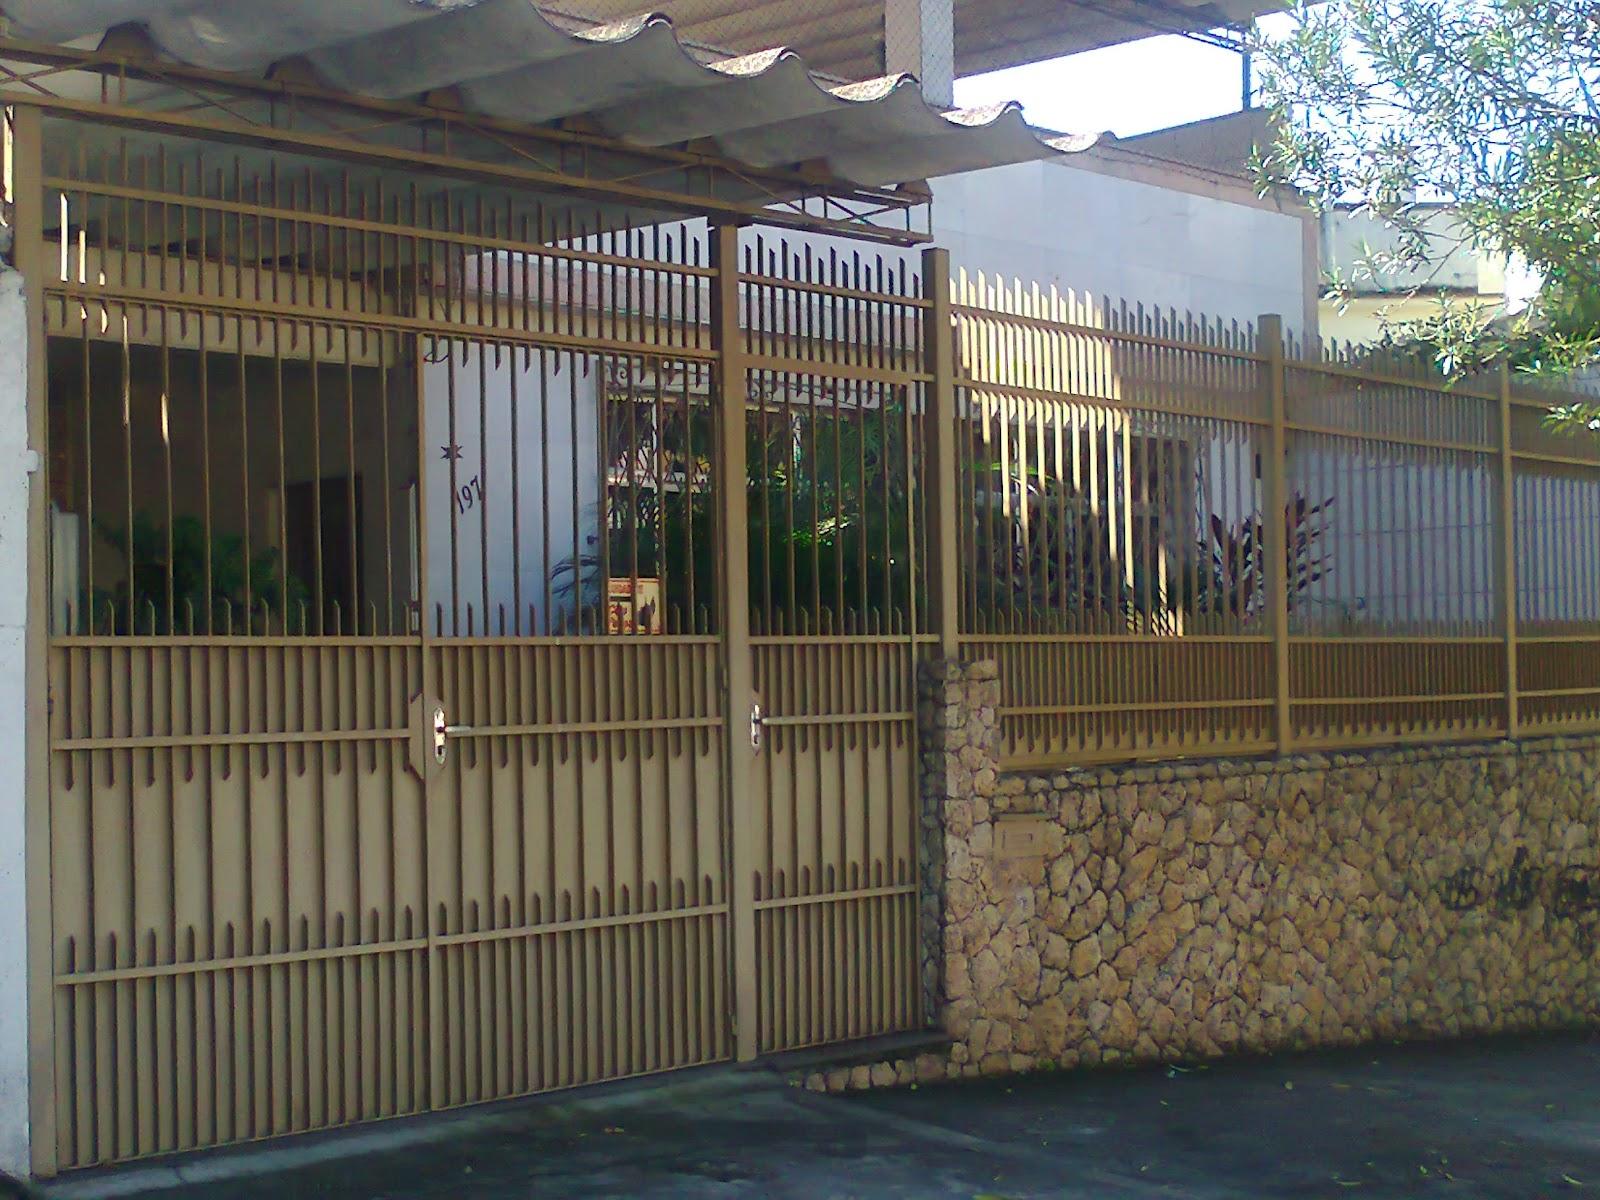 #817C4A VIDRAÇARIA ZONA NORTE RJ: Portões Serralheria Zona Norte Rj  1002 Portas E Janelas De Aluminio Baratas No Rj